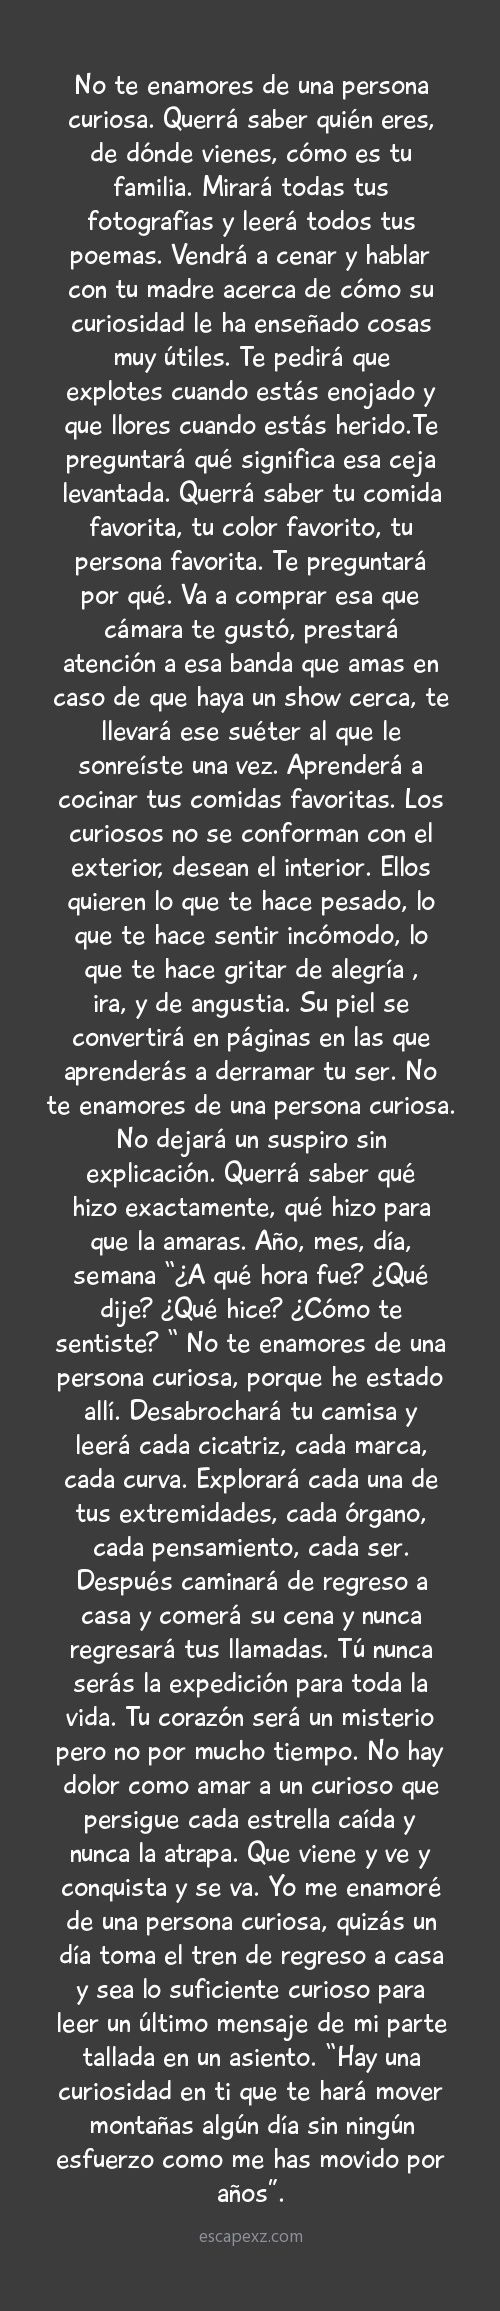 No te enamores de una persona curiosa